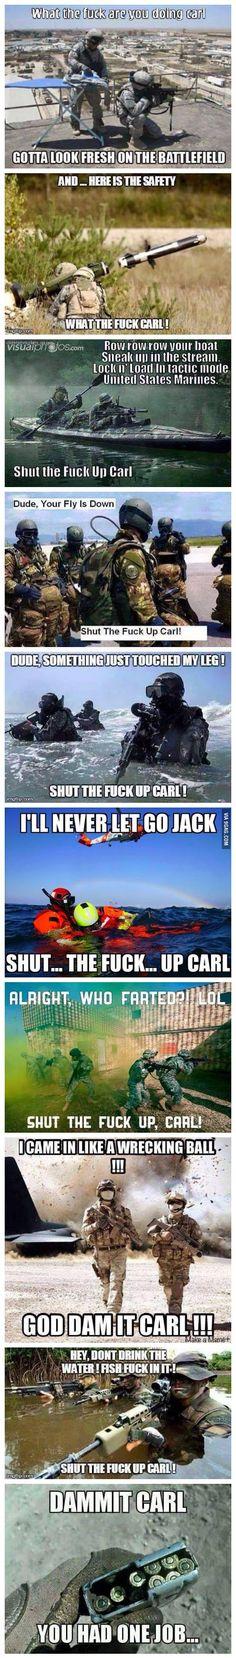 Dammit Carl - 9GAG